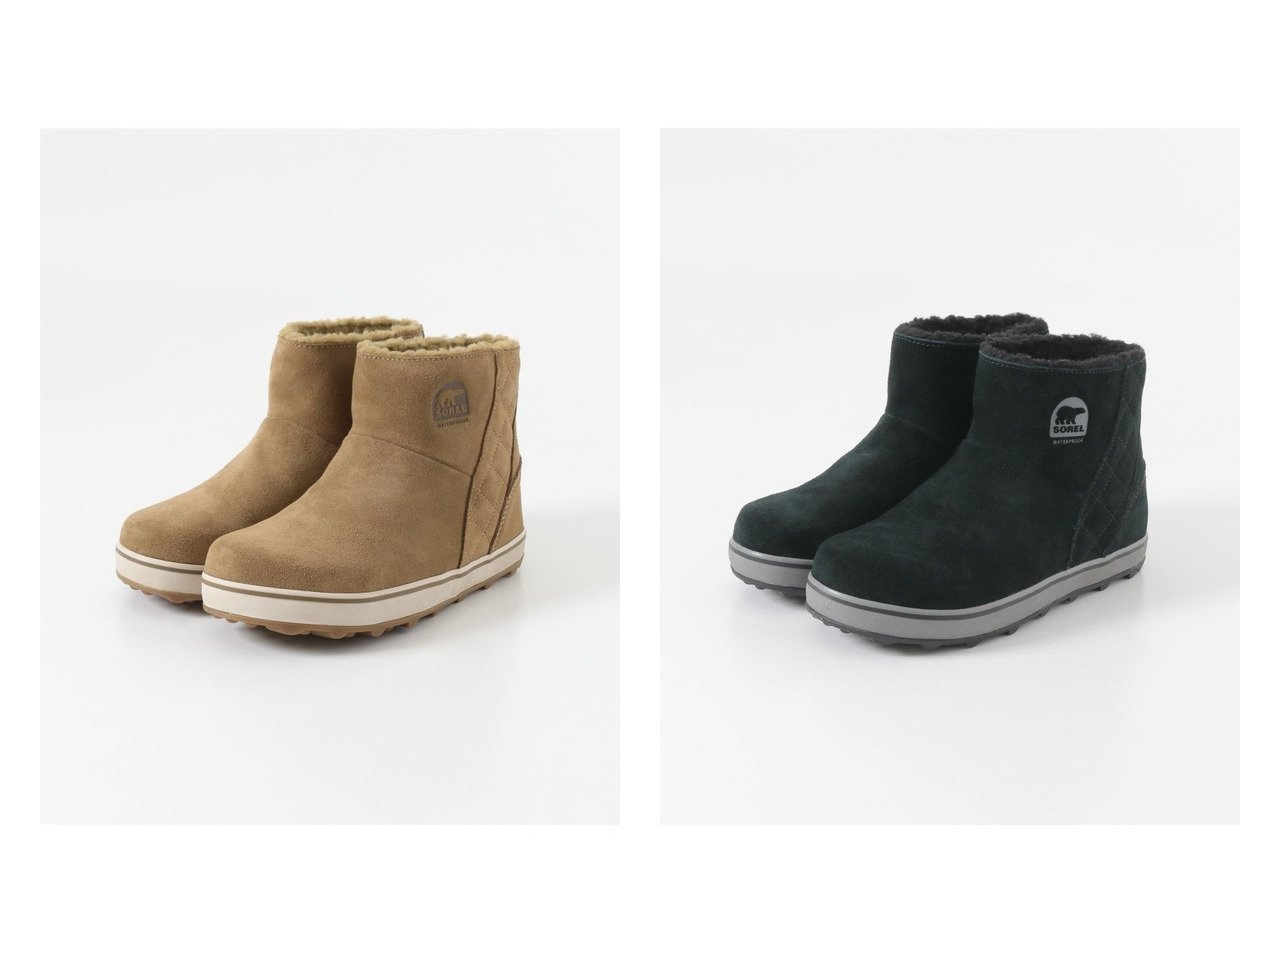 【URBAN RESEARCH DOORS/アーバンリサーチ ドアーズ】のSOREL GLACY SHORT シューズ・靴のおすすめ!人気、トレンド・レディースファッションの通販  おすすめで人気の流行・トレンド、ファッションの通販商品 メンズファッション・キッズファッション・インテリア・家具・レディースファッション・服の通販 founy(ファニー) https://founy.com/ ファッション Fashion レディースファッション WOMEN インソール クッション 軽量 シューズ ショート スエード スタンダード バランス フェミニン フェルト ボトム ライニング ラバー ワイド |ID:crp329100000010831